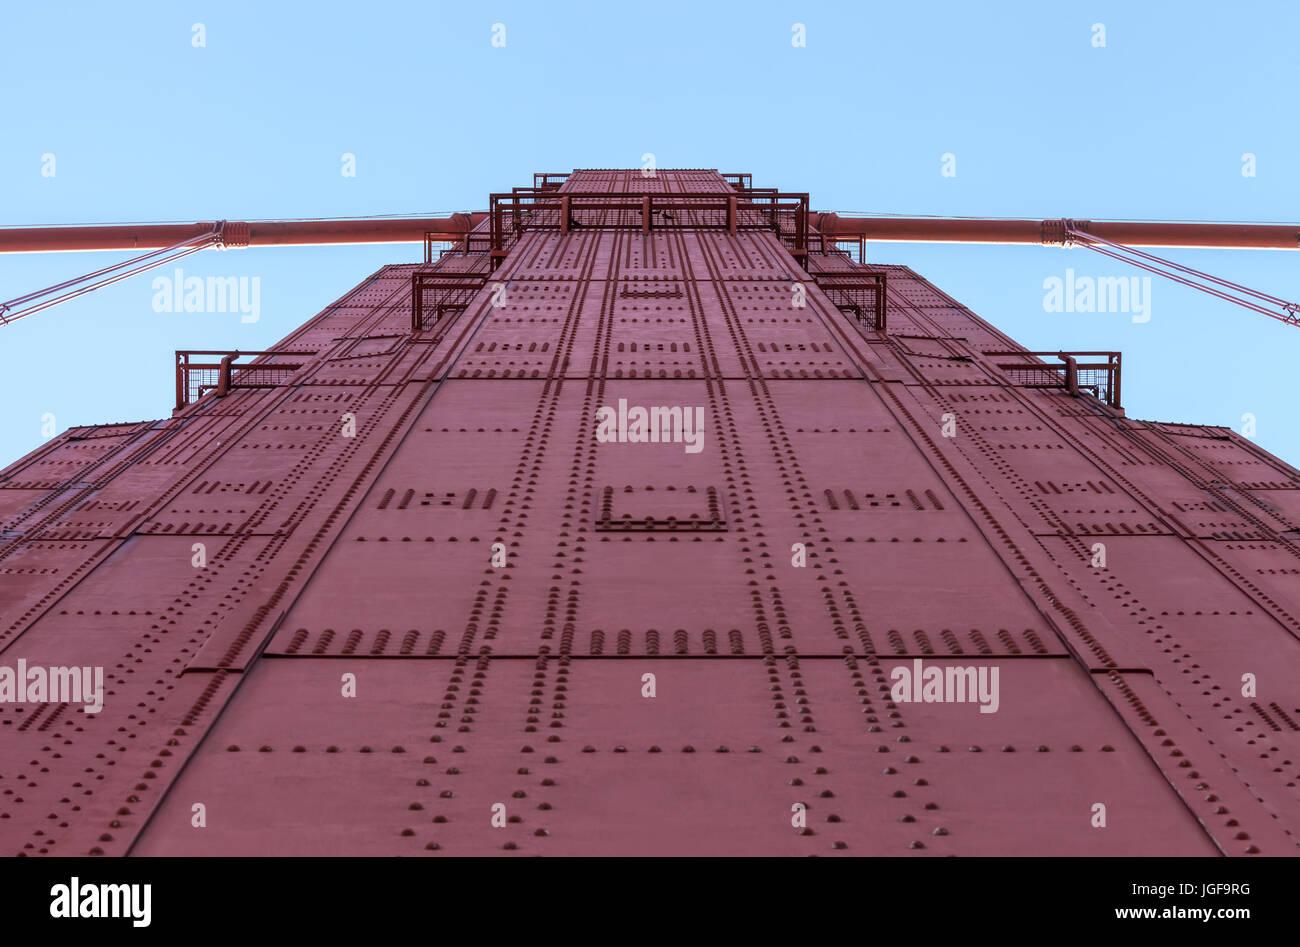 Un résumé tiré sur le golden gate bridge tower à San Francisco, Californie, USA Photo Stock